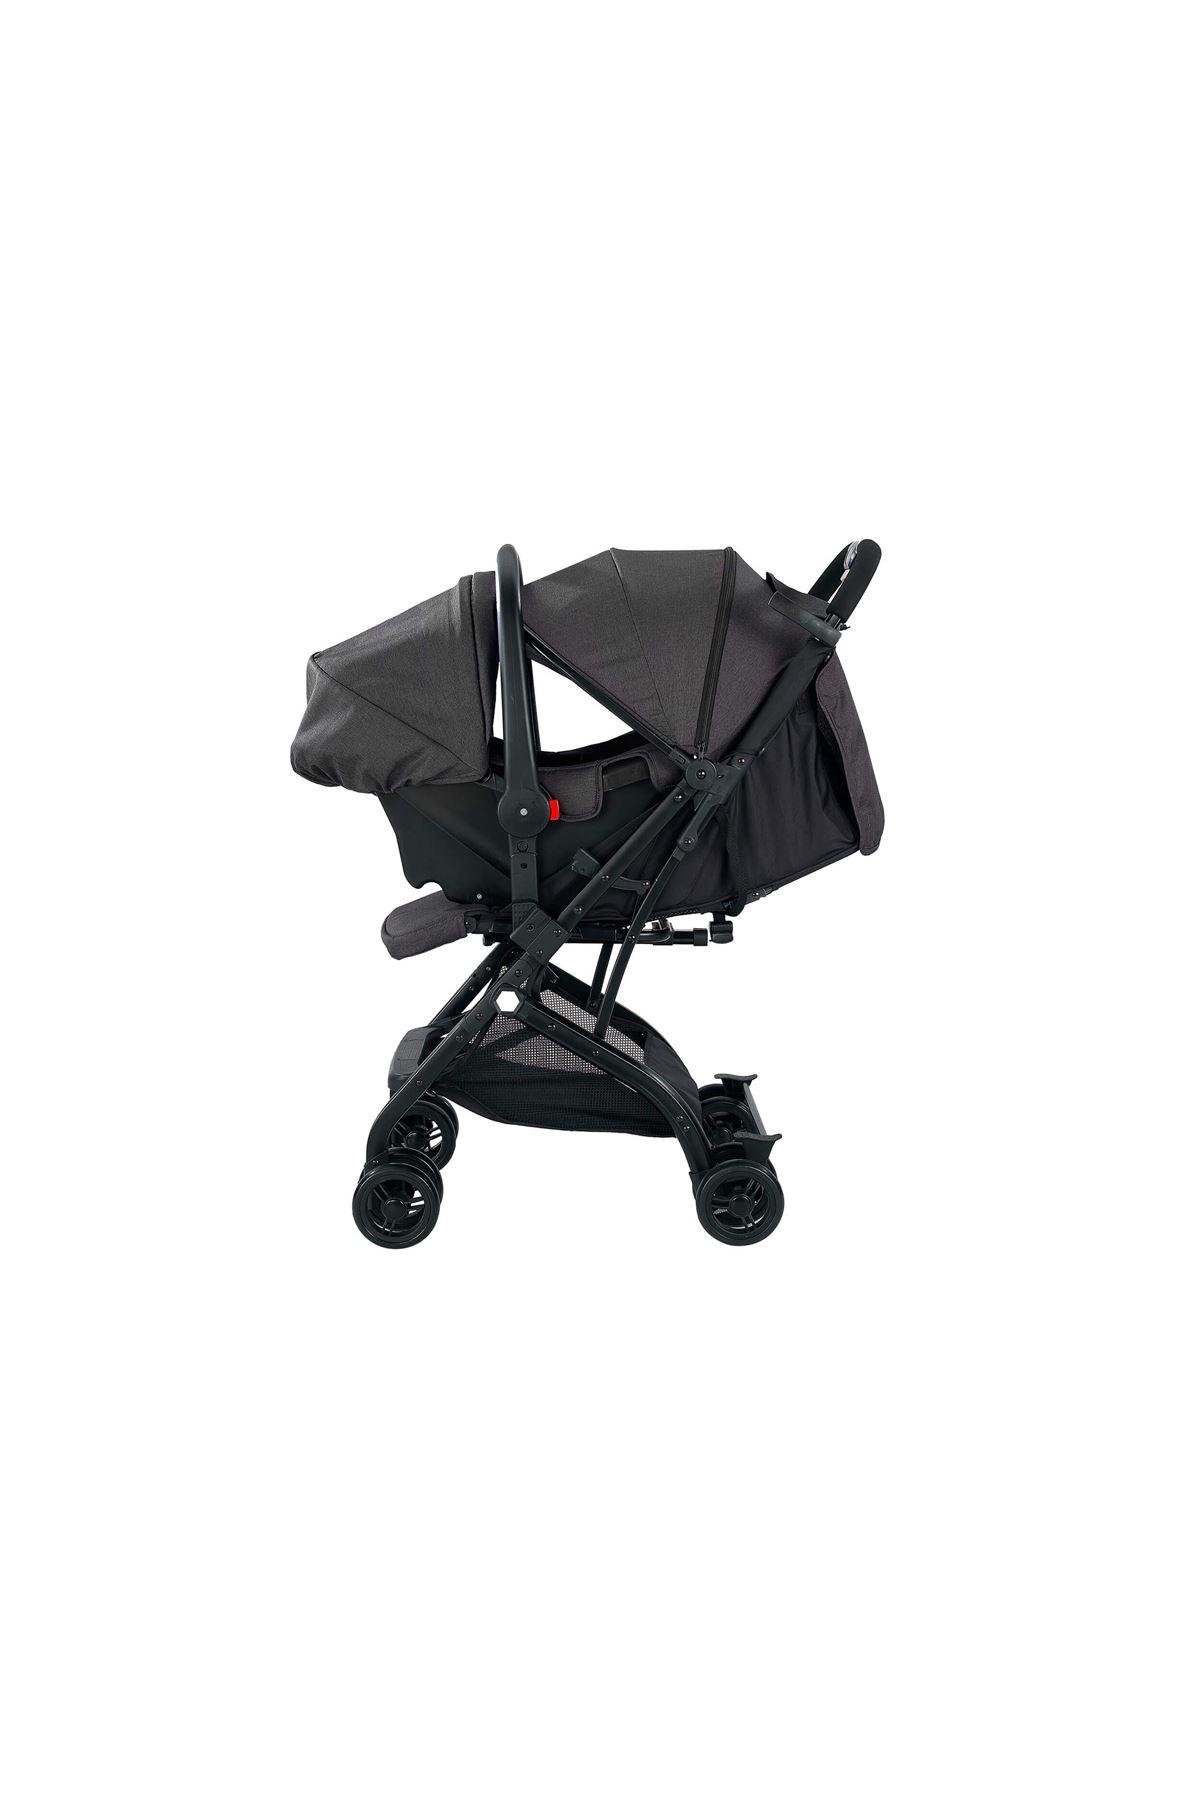 Baby2go Heets Travel Sistem Bebek Arabası 2031 Gri